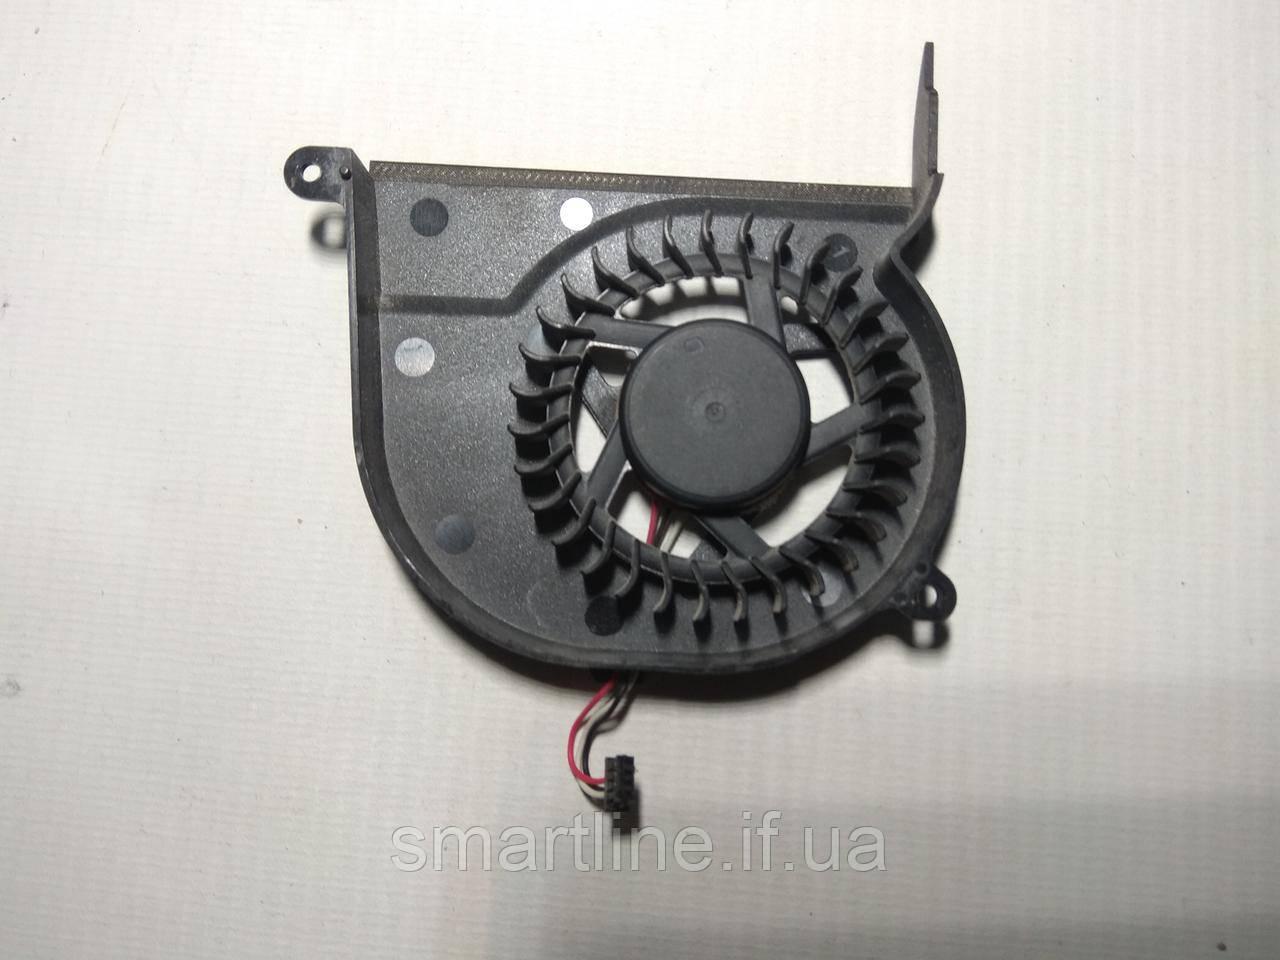 Вентилятор системи охолодження для ноутбука Samsung RV509, BA31-00098A